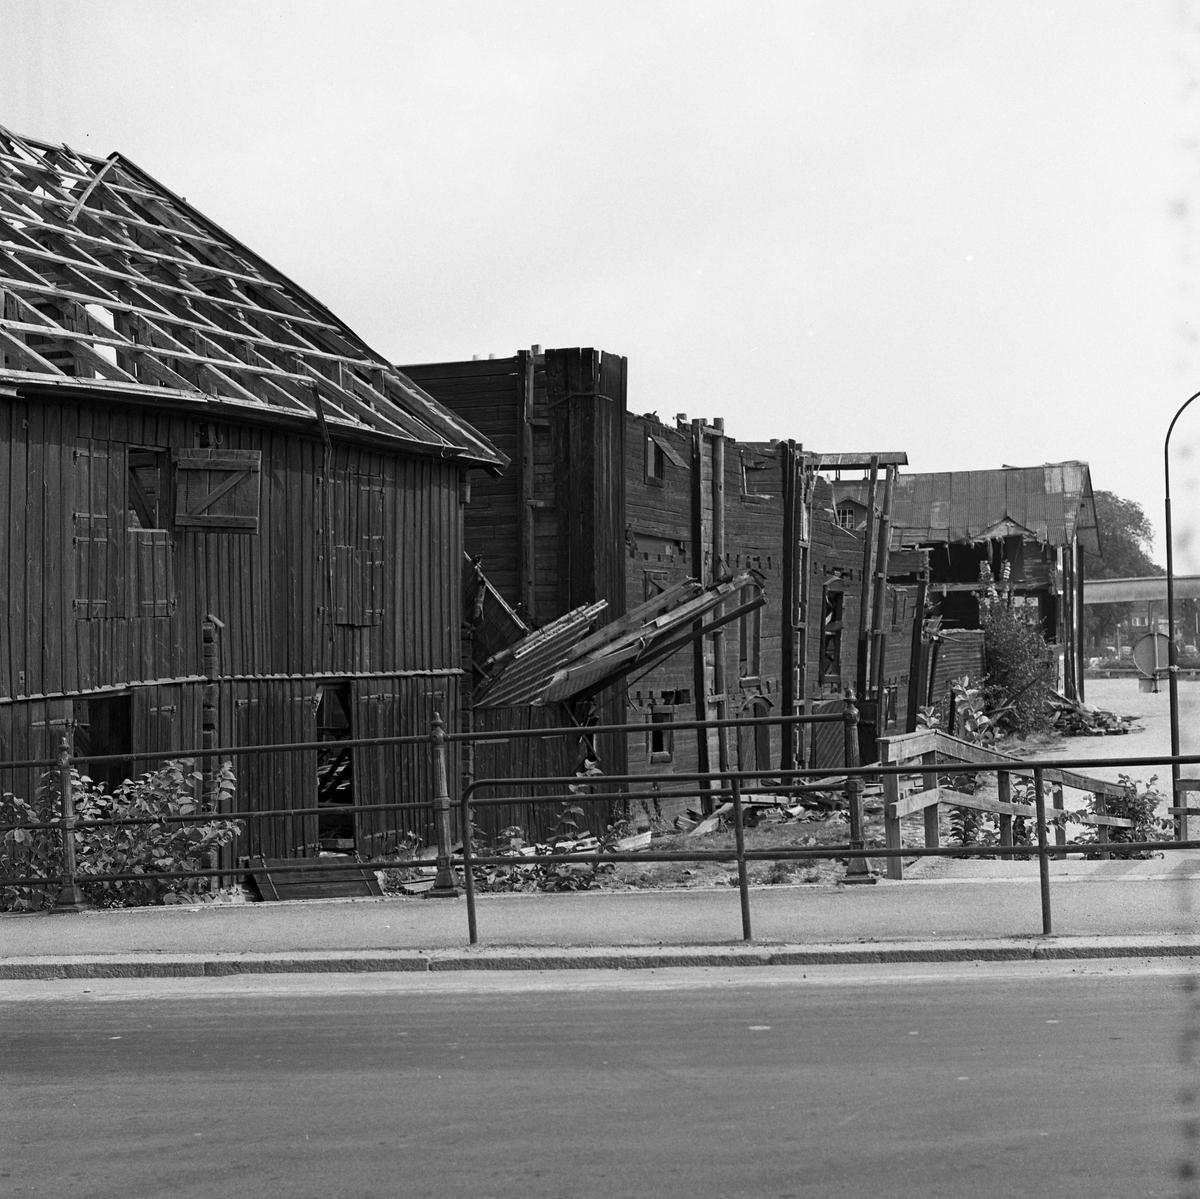 Arboga Kvarn och Maltfabrik är nedlagt. Rivningen av hamnmagasinen pågår. Bilden är tagen från Herrgårdsbron.  Det som kom att bli Arboga Kvarn och Maltfabrik anlades 1821 av Jonas Örström. Kvarnrörelsen startade 1915. Vetemjöl av märket Guldsnö producerades här.  Kvarnrörelsen upphörde 1967 medan maltproduktionen fortsatte till 1972.  Läs om Arboga Kvarn och Maltfabrik: Hembygdsföreningen Arboga Minnes årsböcker från 1979 och 1999 Reinhold Carlssons bok Arboga objektivt sett